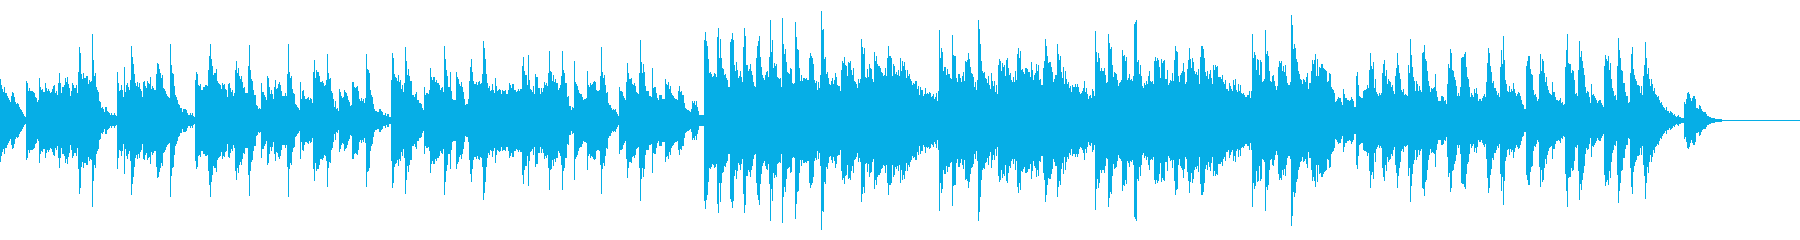 オルゴールとストリングの可愛く怖いBGMの再生済みの波形